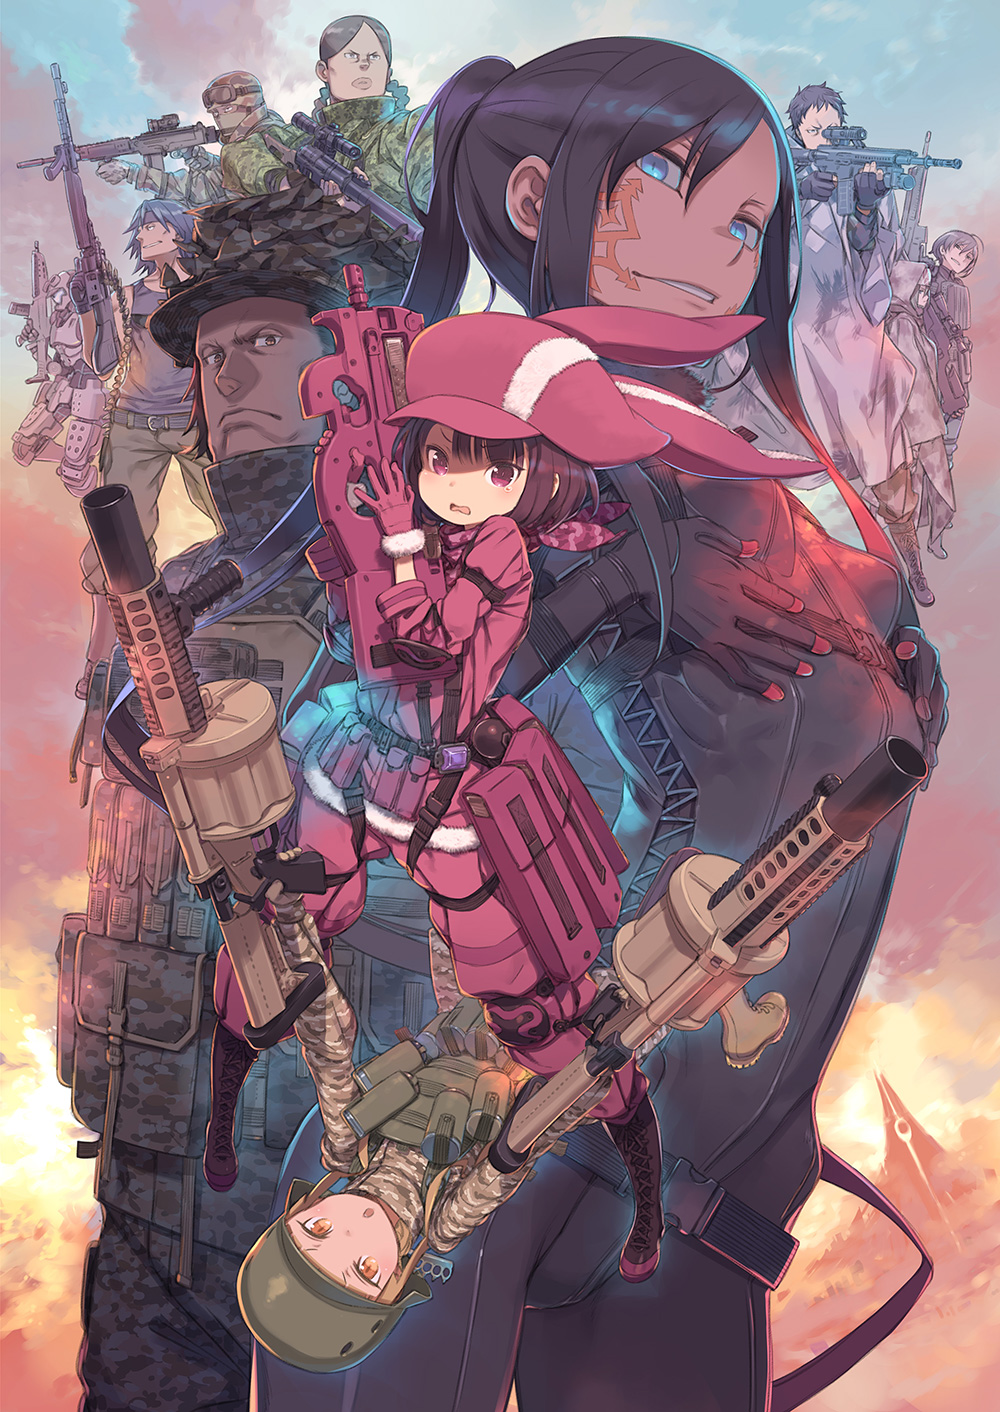 https://i0.wp.com/www.otakutale.com/wp-content/uploads/2017/10/Sword-Art-Online-Alternative-Gun-Gale-Online-Anime-Visual.jpg?w=1000